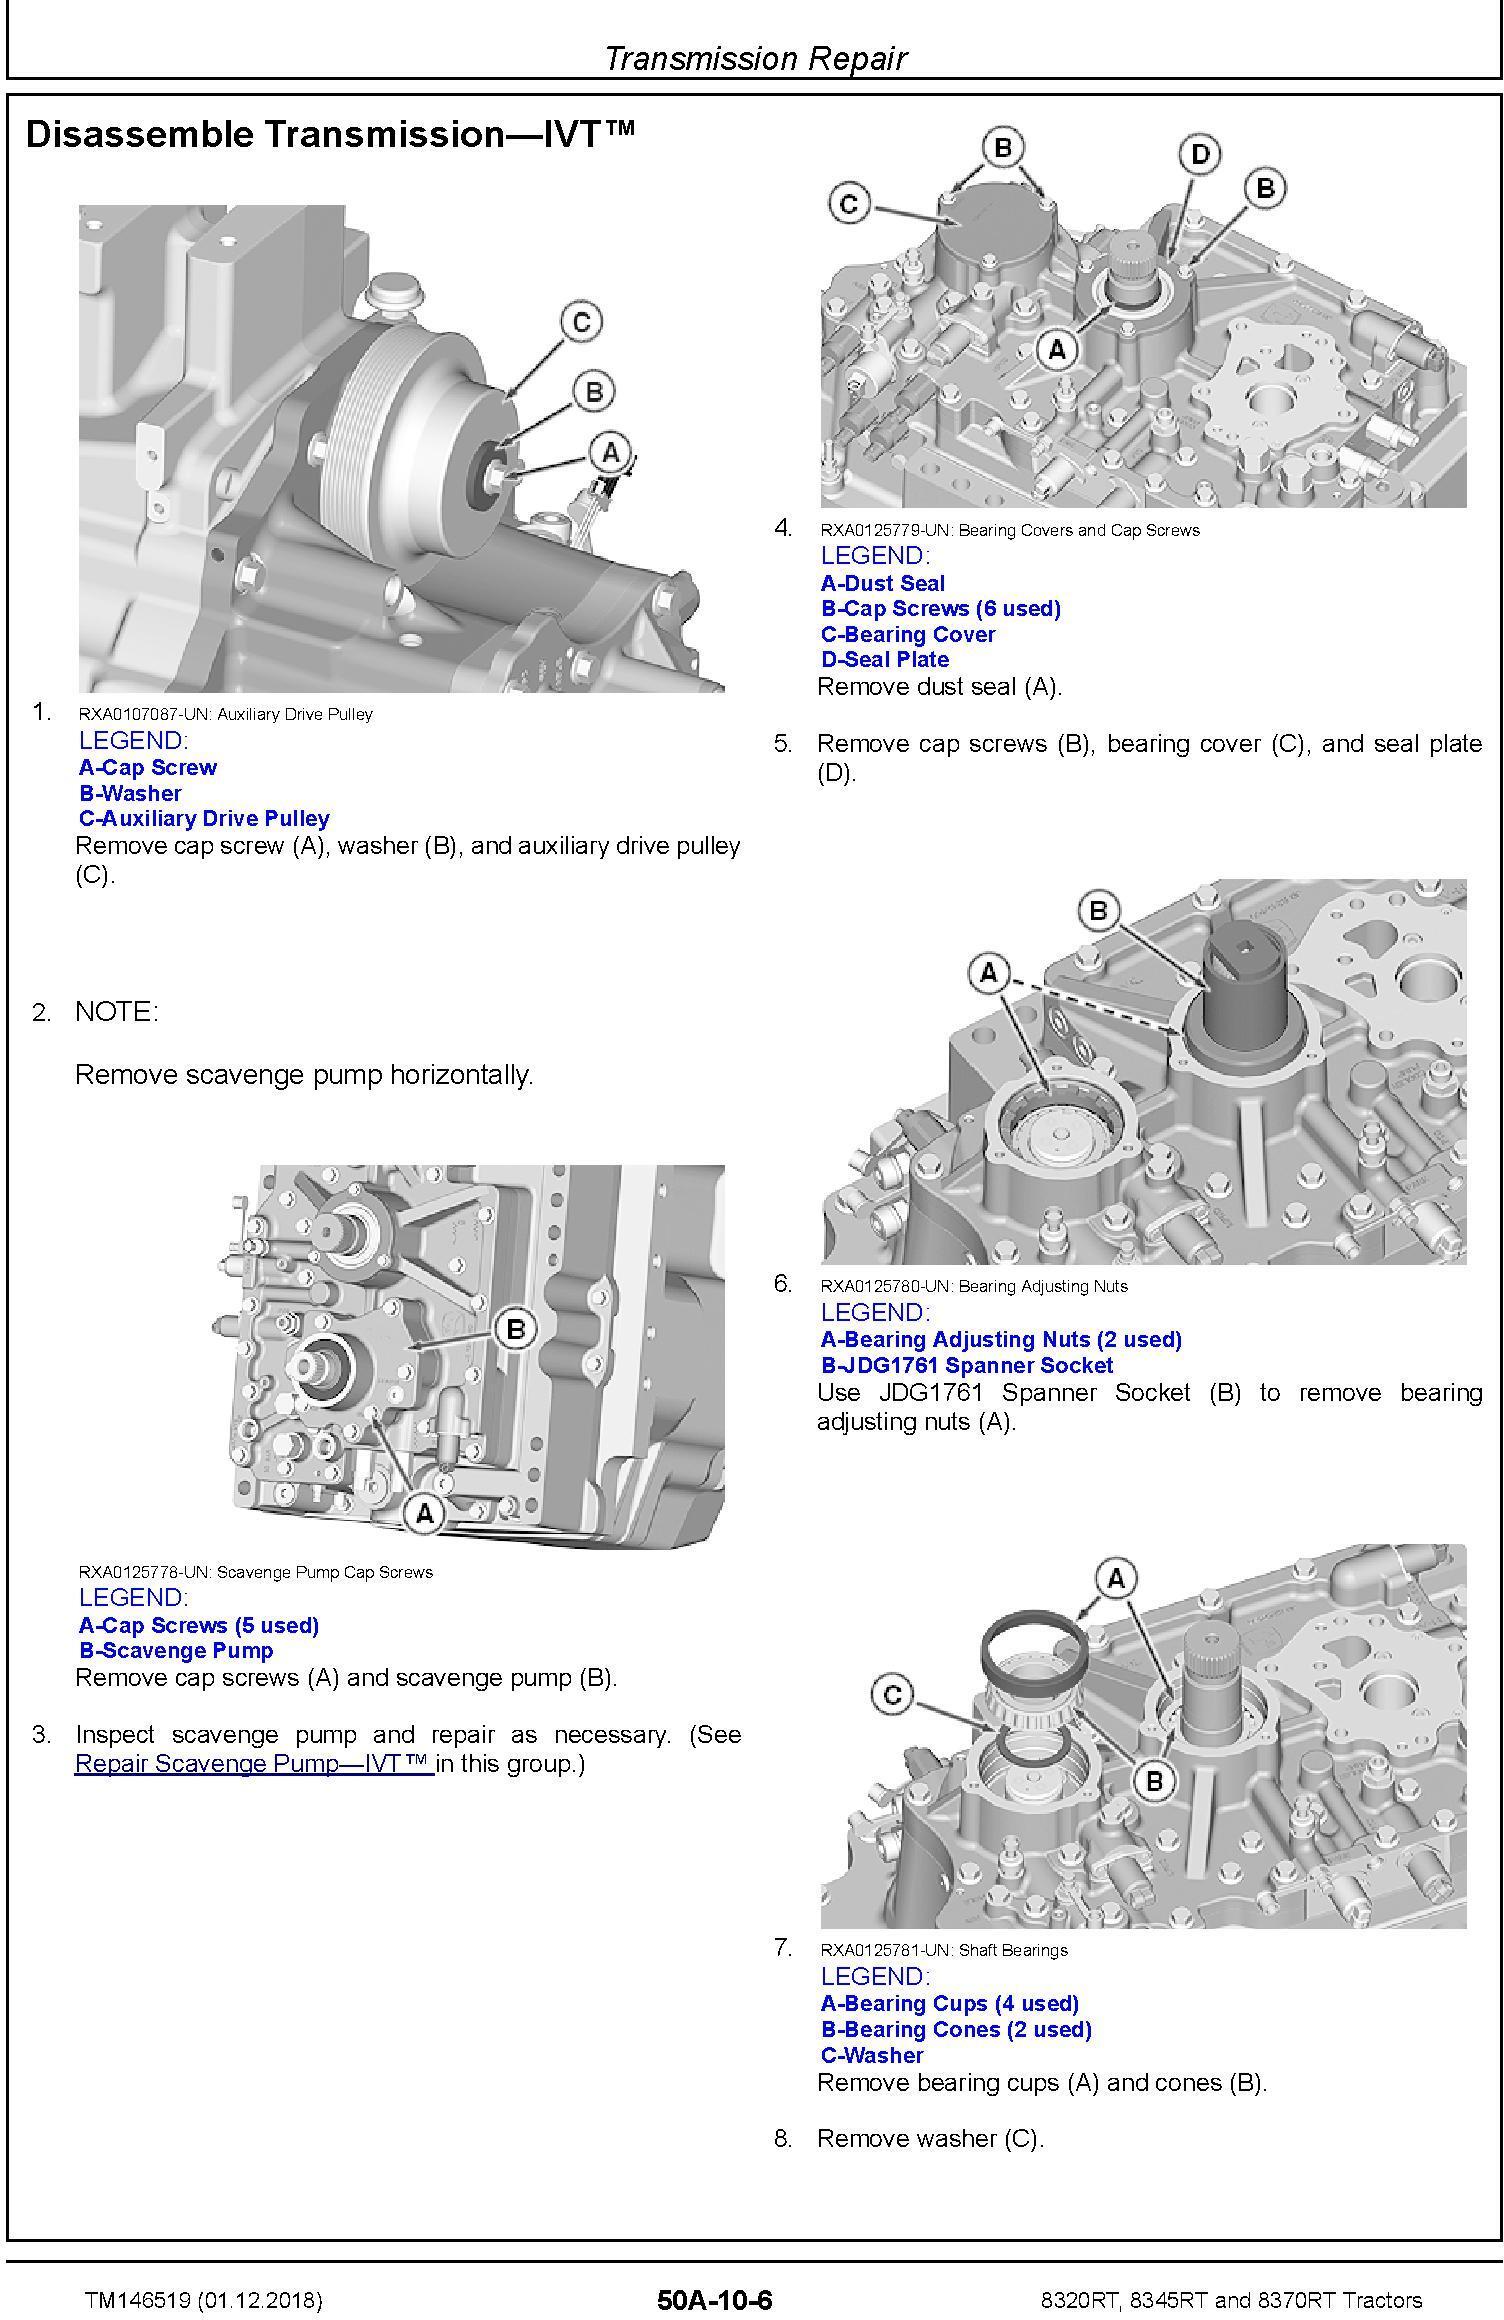 John Deere 8320RT, 8345RT and 8370RT Tractors (SN. 917000-) Repair Technical Manual (TM146519) - 3